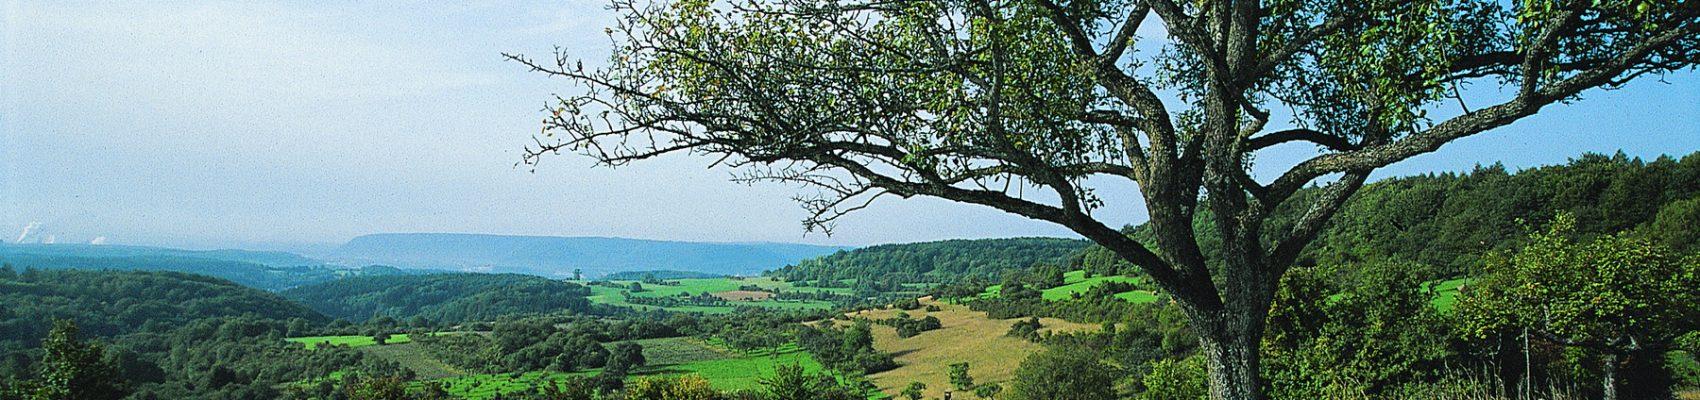 Naturschutzgebiet Wolferskopf